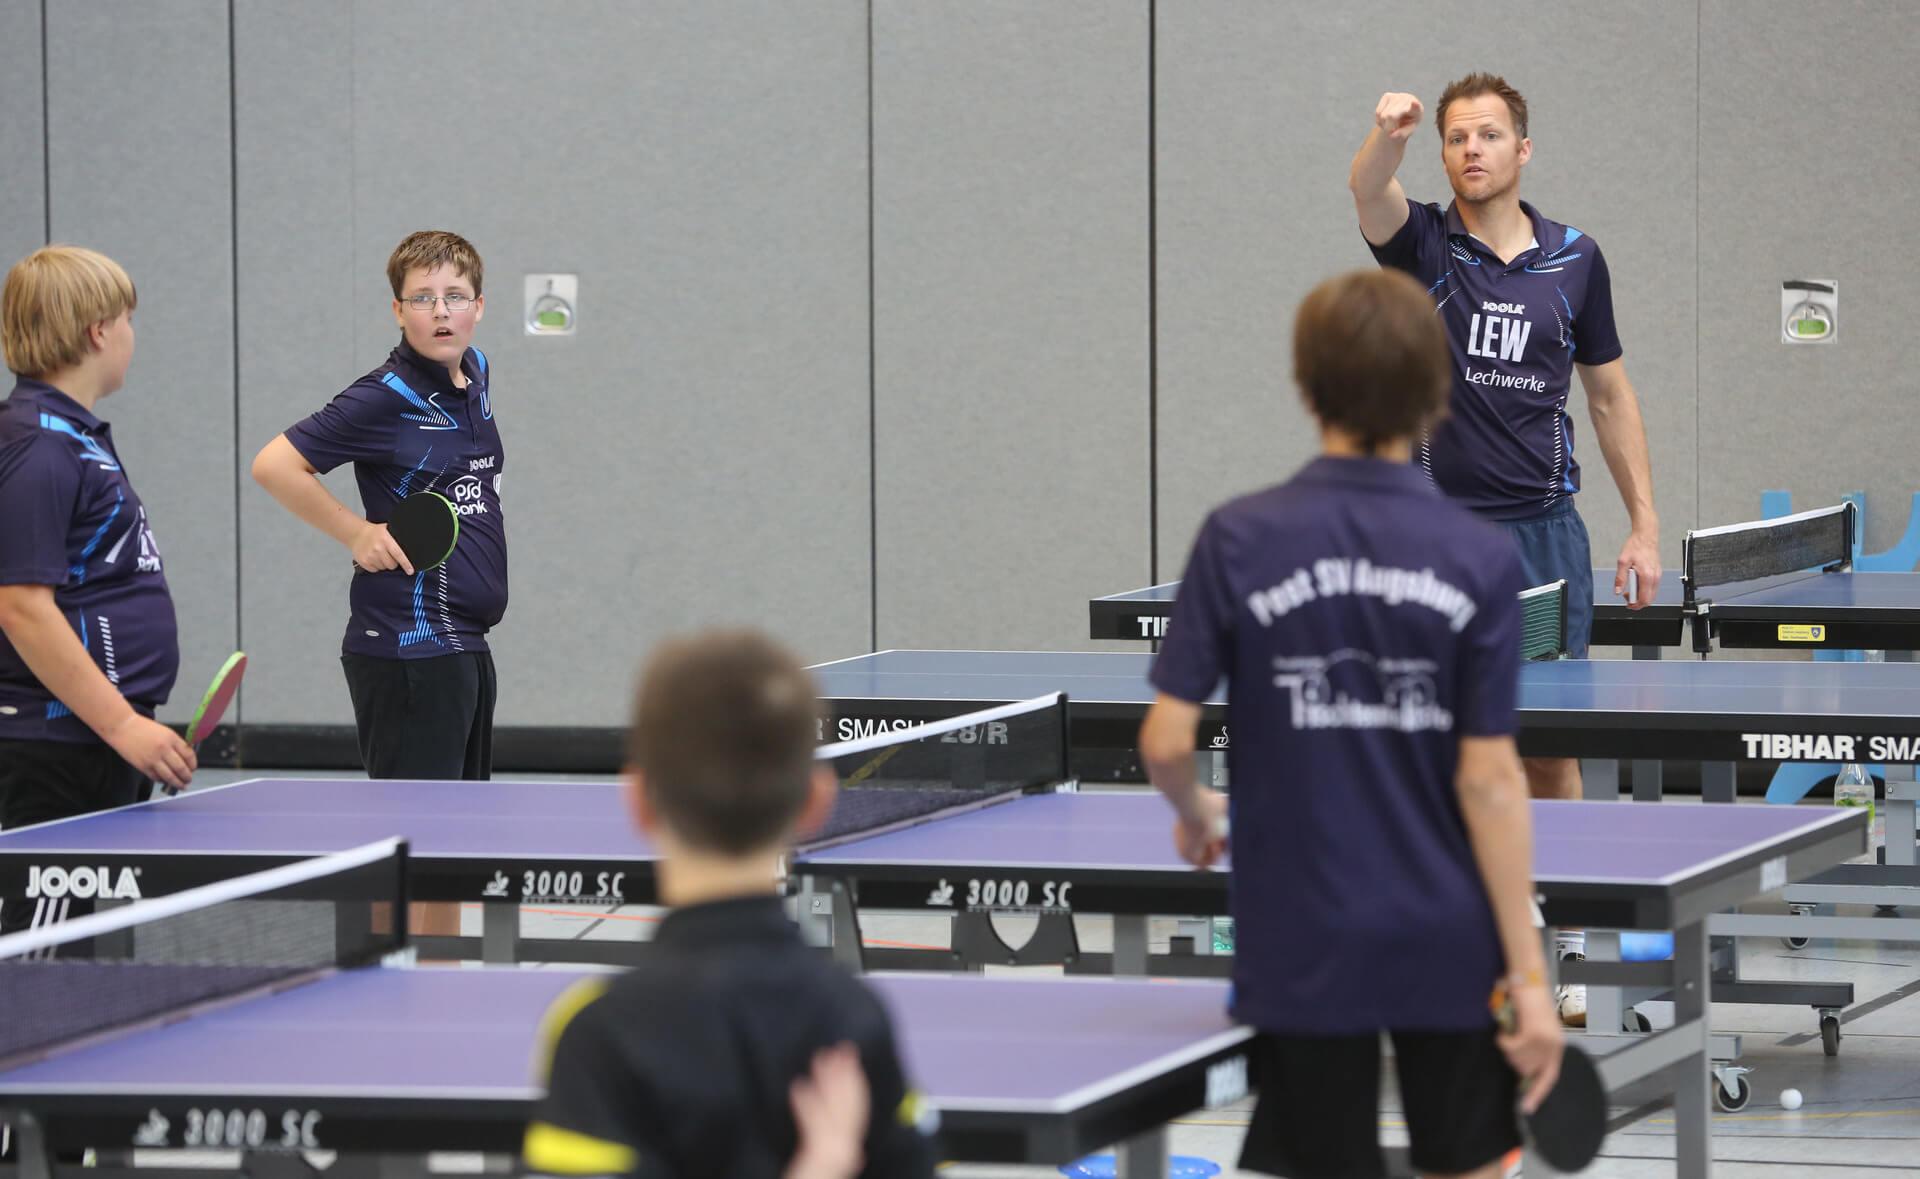 Tischtennis Jugendtraining 6